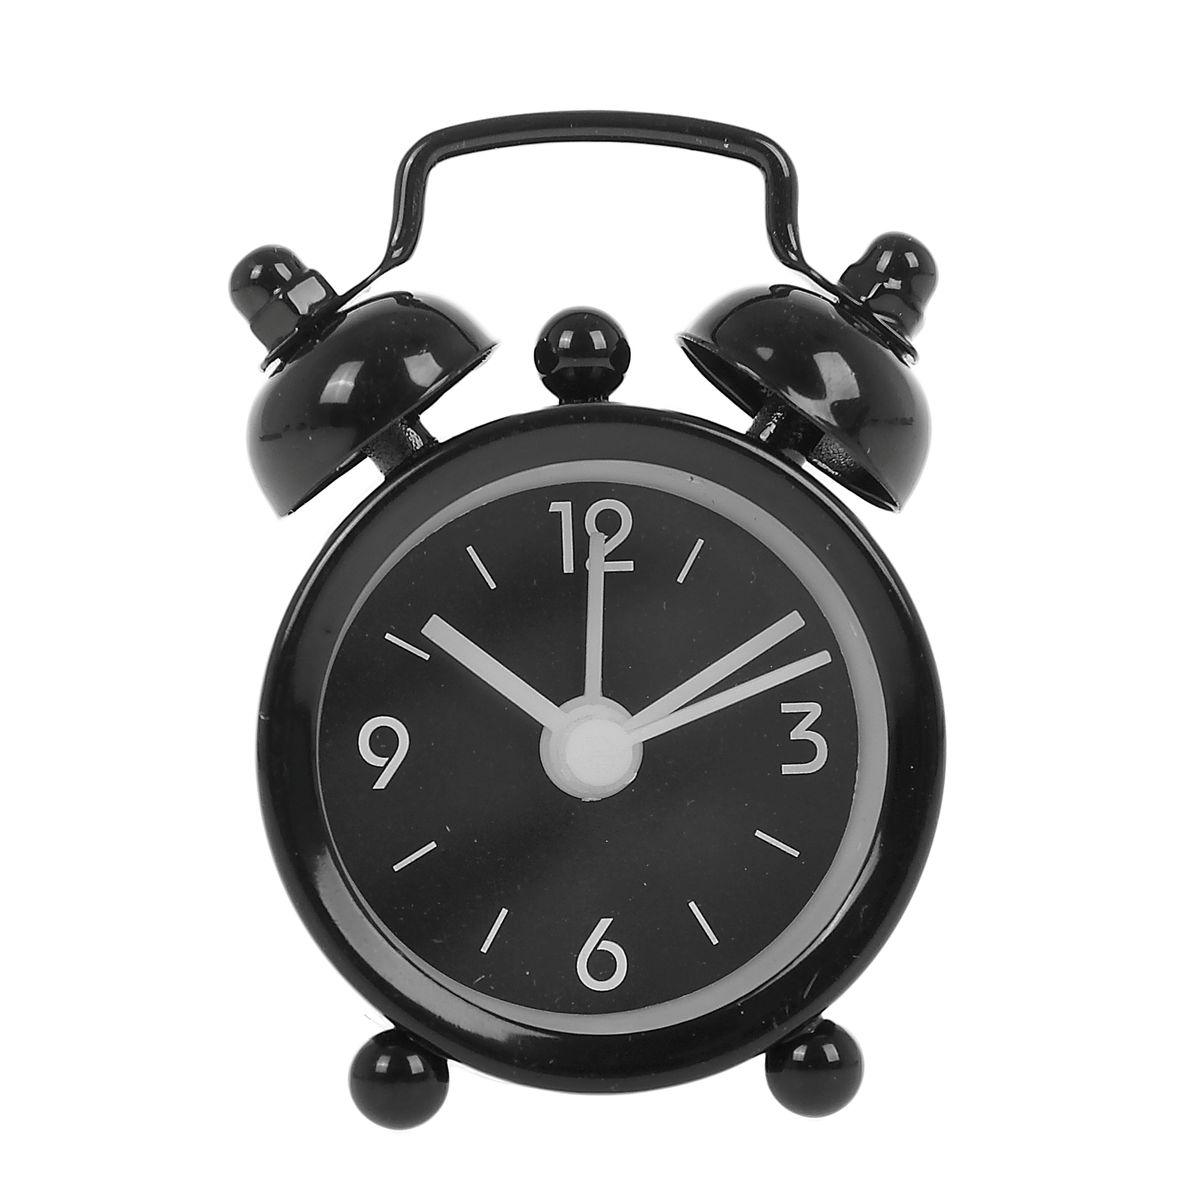 Часы-будильник Sima-land Супермини, цвет: черный720783Как же сложно иногда вставать вовремя! Всегда так хочется поспать еще хотя бы 5 минут и бывает, что мы просыпаем. Теперь этого не случится! Яркий, оригинальный мини-будильник Sima-land поможет вам всегда вставать в нужное время и успевать везде и всюду. Корпус будильника выполнен из металла. Часы снабжены 4 стрелками (секундная, минутная, часовая и для будильника). На задней панели будильника расположен переключатель включения/выключения механизма, а также два колесика для настройки текущего времени и времени звонка будильника. Пользоваться будильником очень легко: нужно всего лишь поставить батарейку, настроить точное время и установить время звонка. Часы работают от 1 батарейки типа LR44 (входит в комплект).